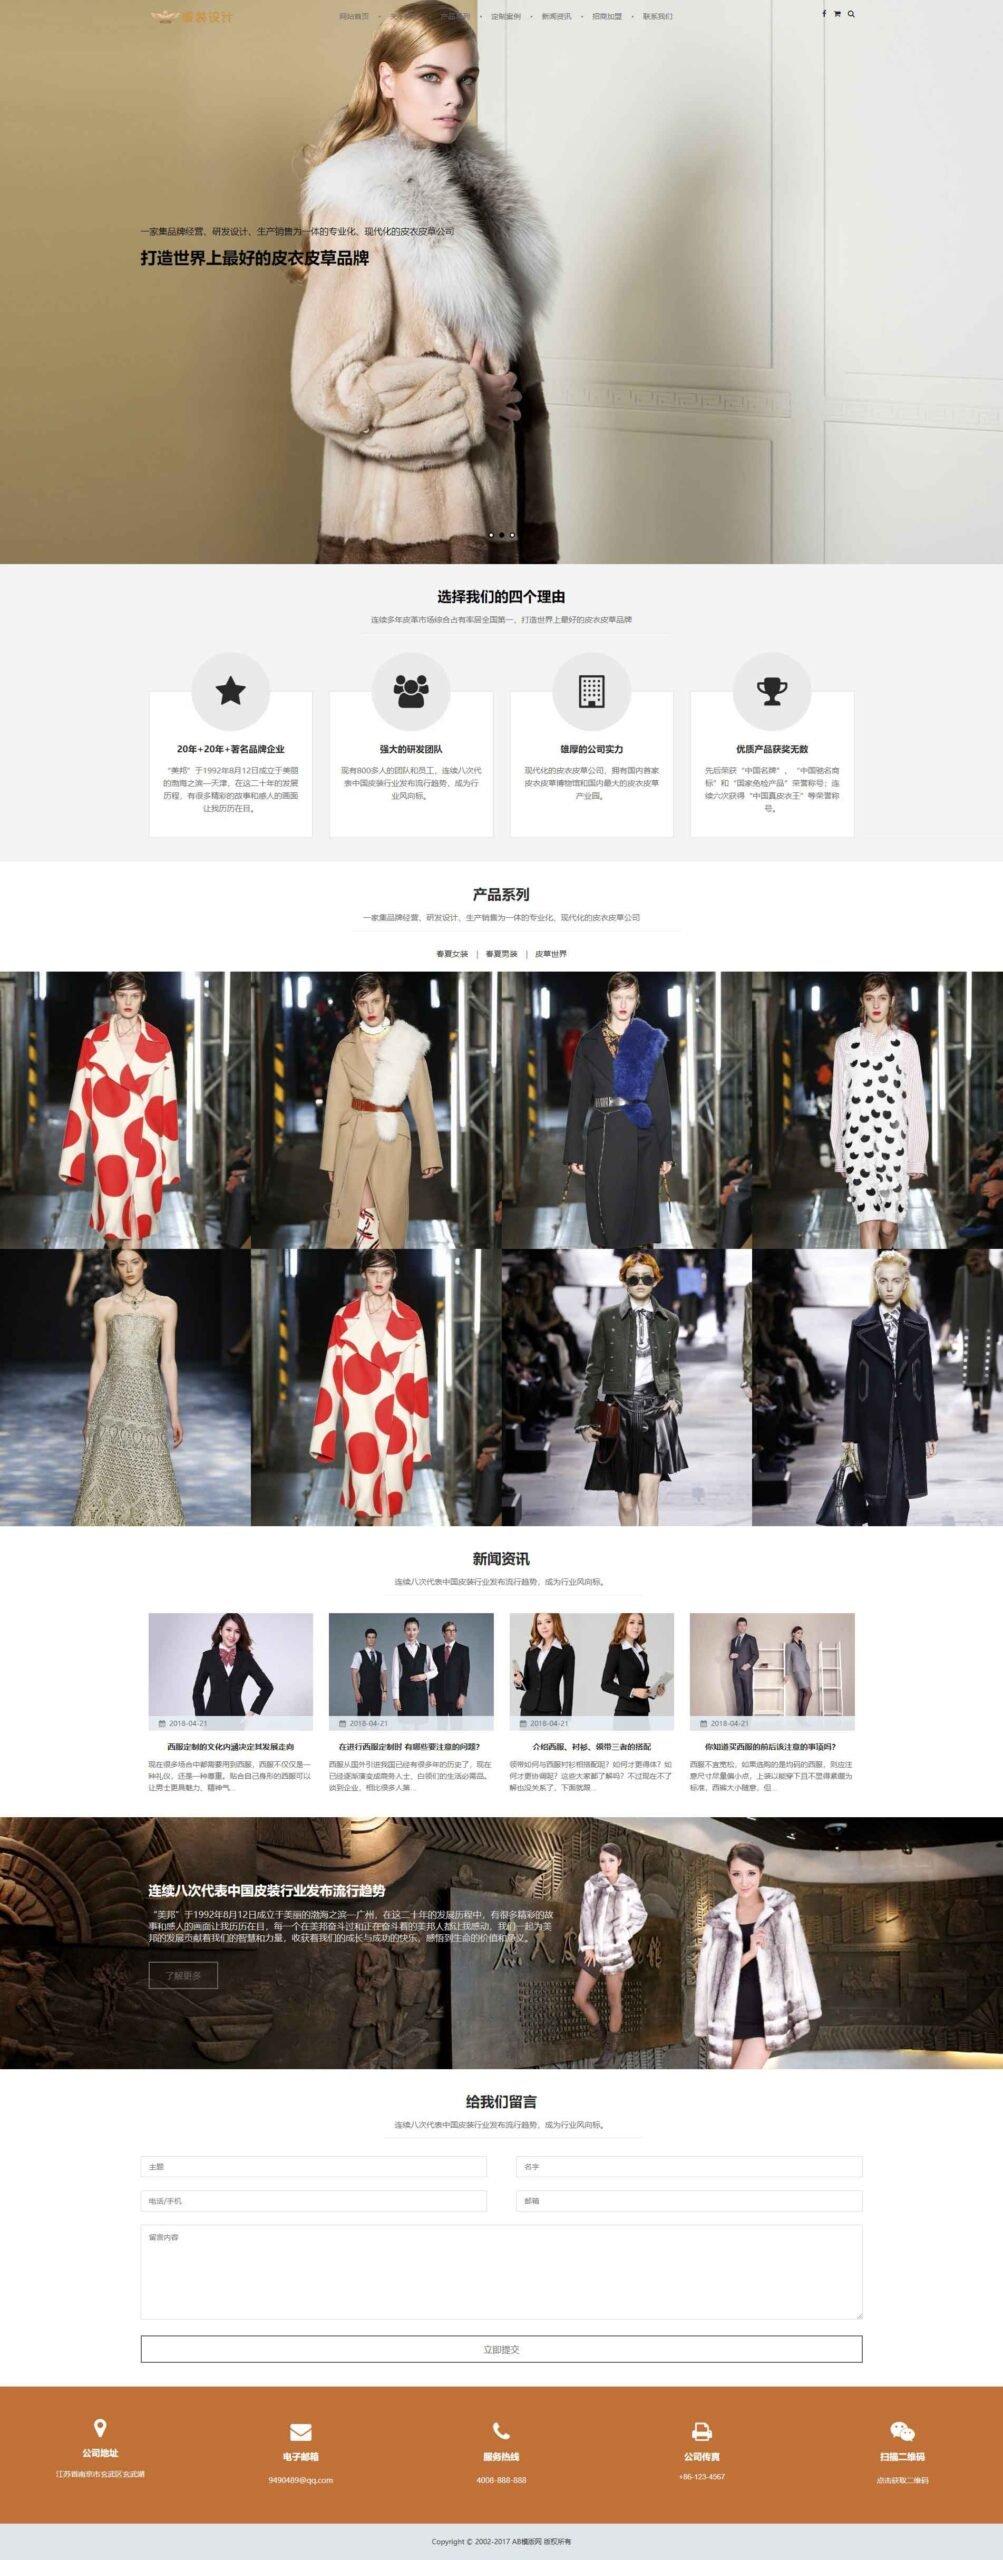 服装品牌设计企业网站织梦dede模板源码[自适应手机版]插图